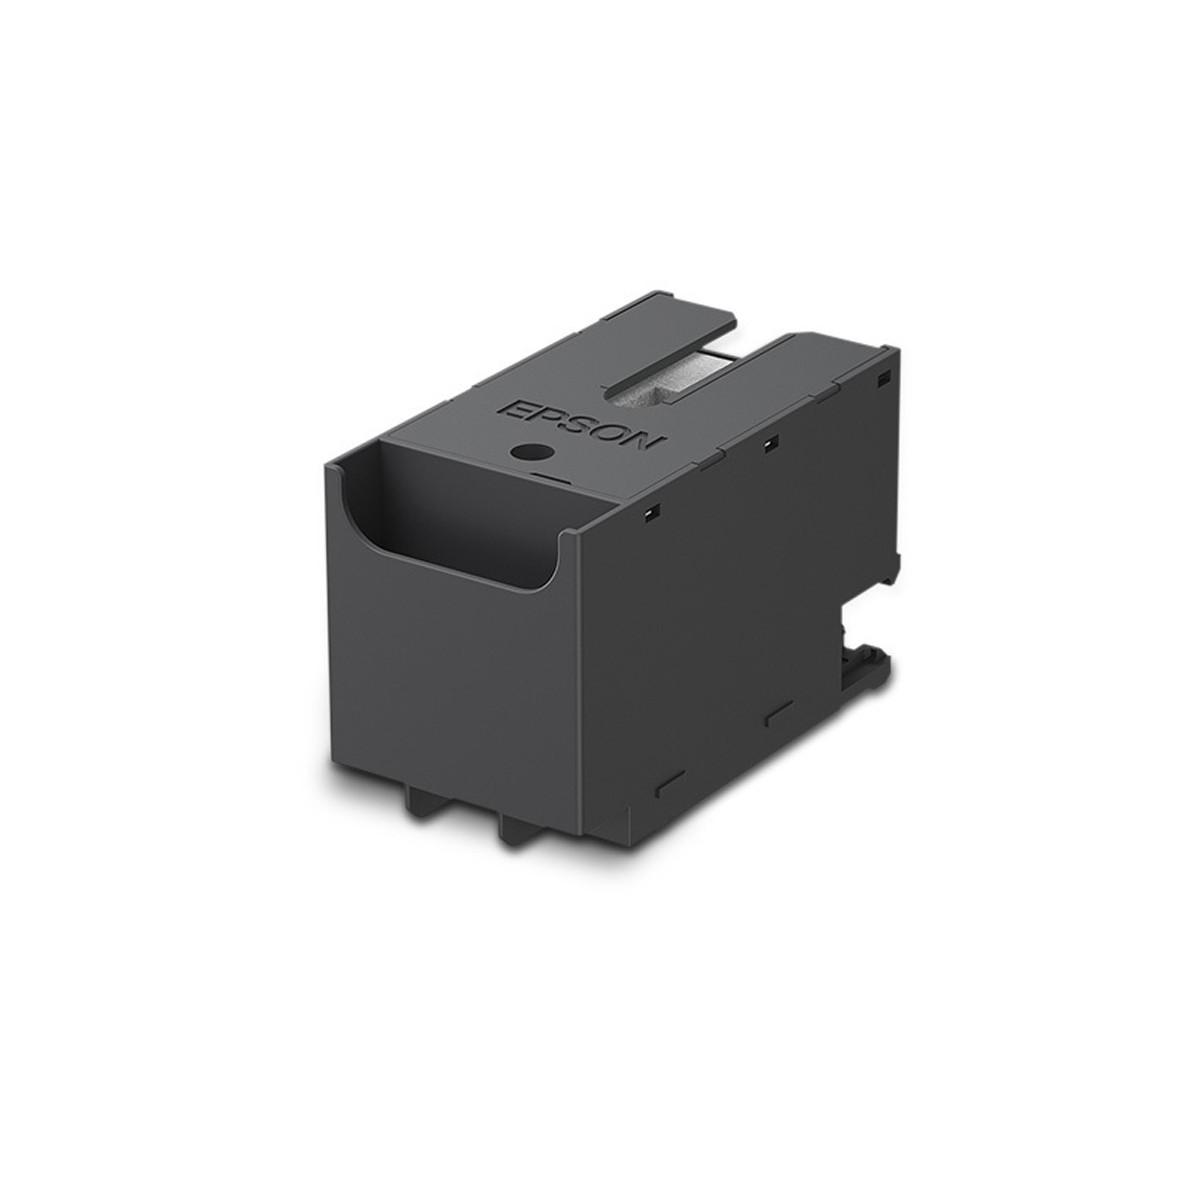 Caixa de Manutenção Epson M5299 M5799 C5290 C5710 C5790 C5210 | T671600 | Original